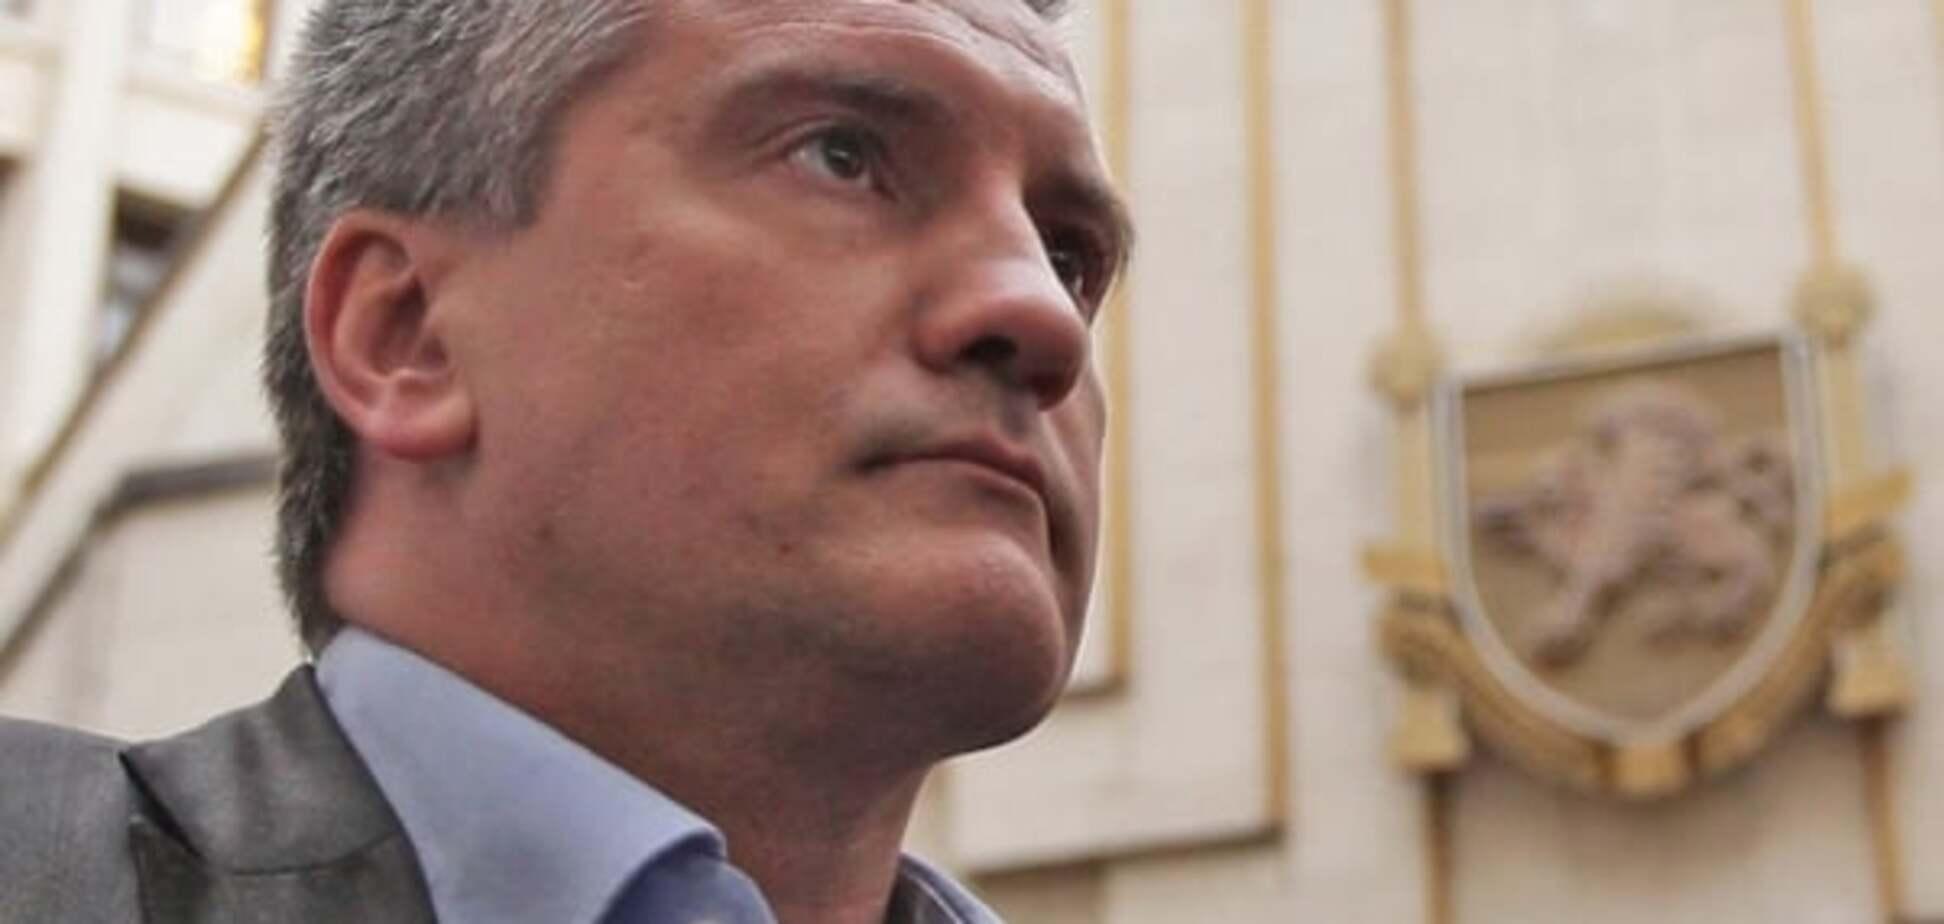 Аксьонов ввів режим надзвичайної ситуації в окупованому Криму